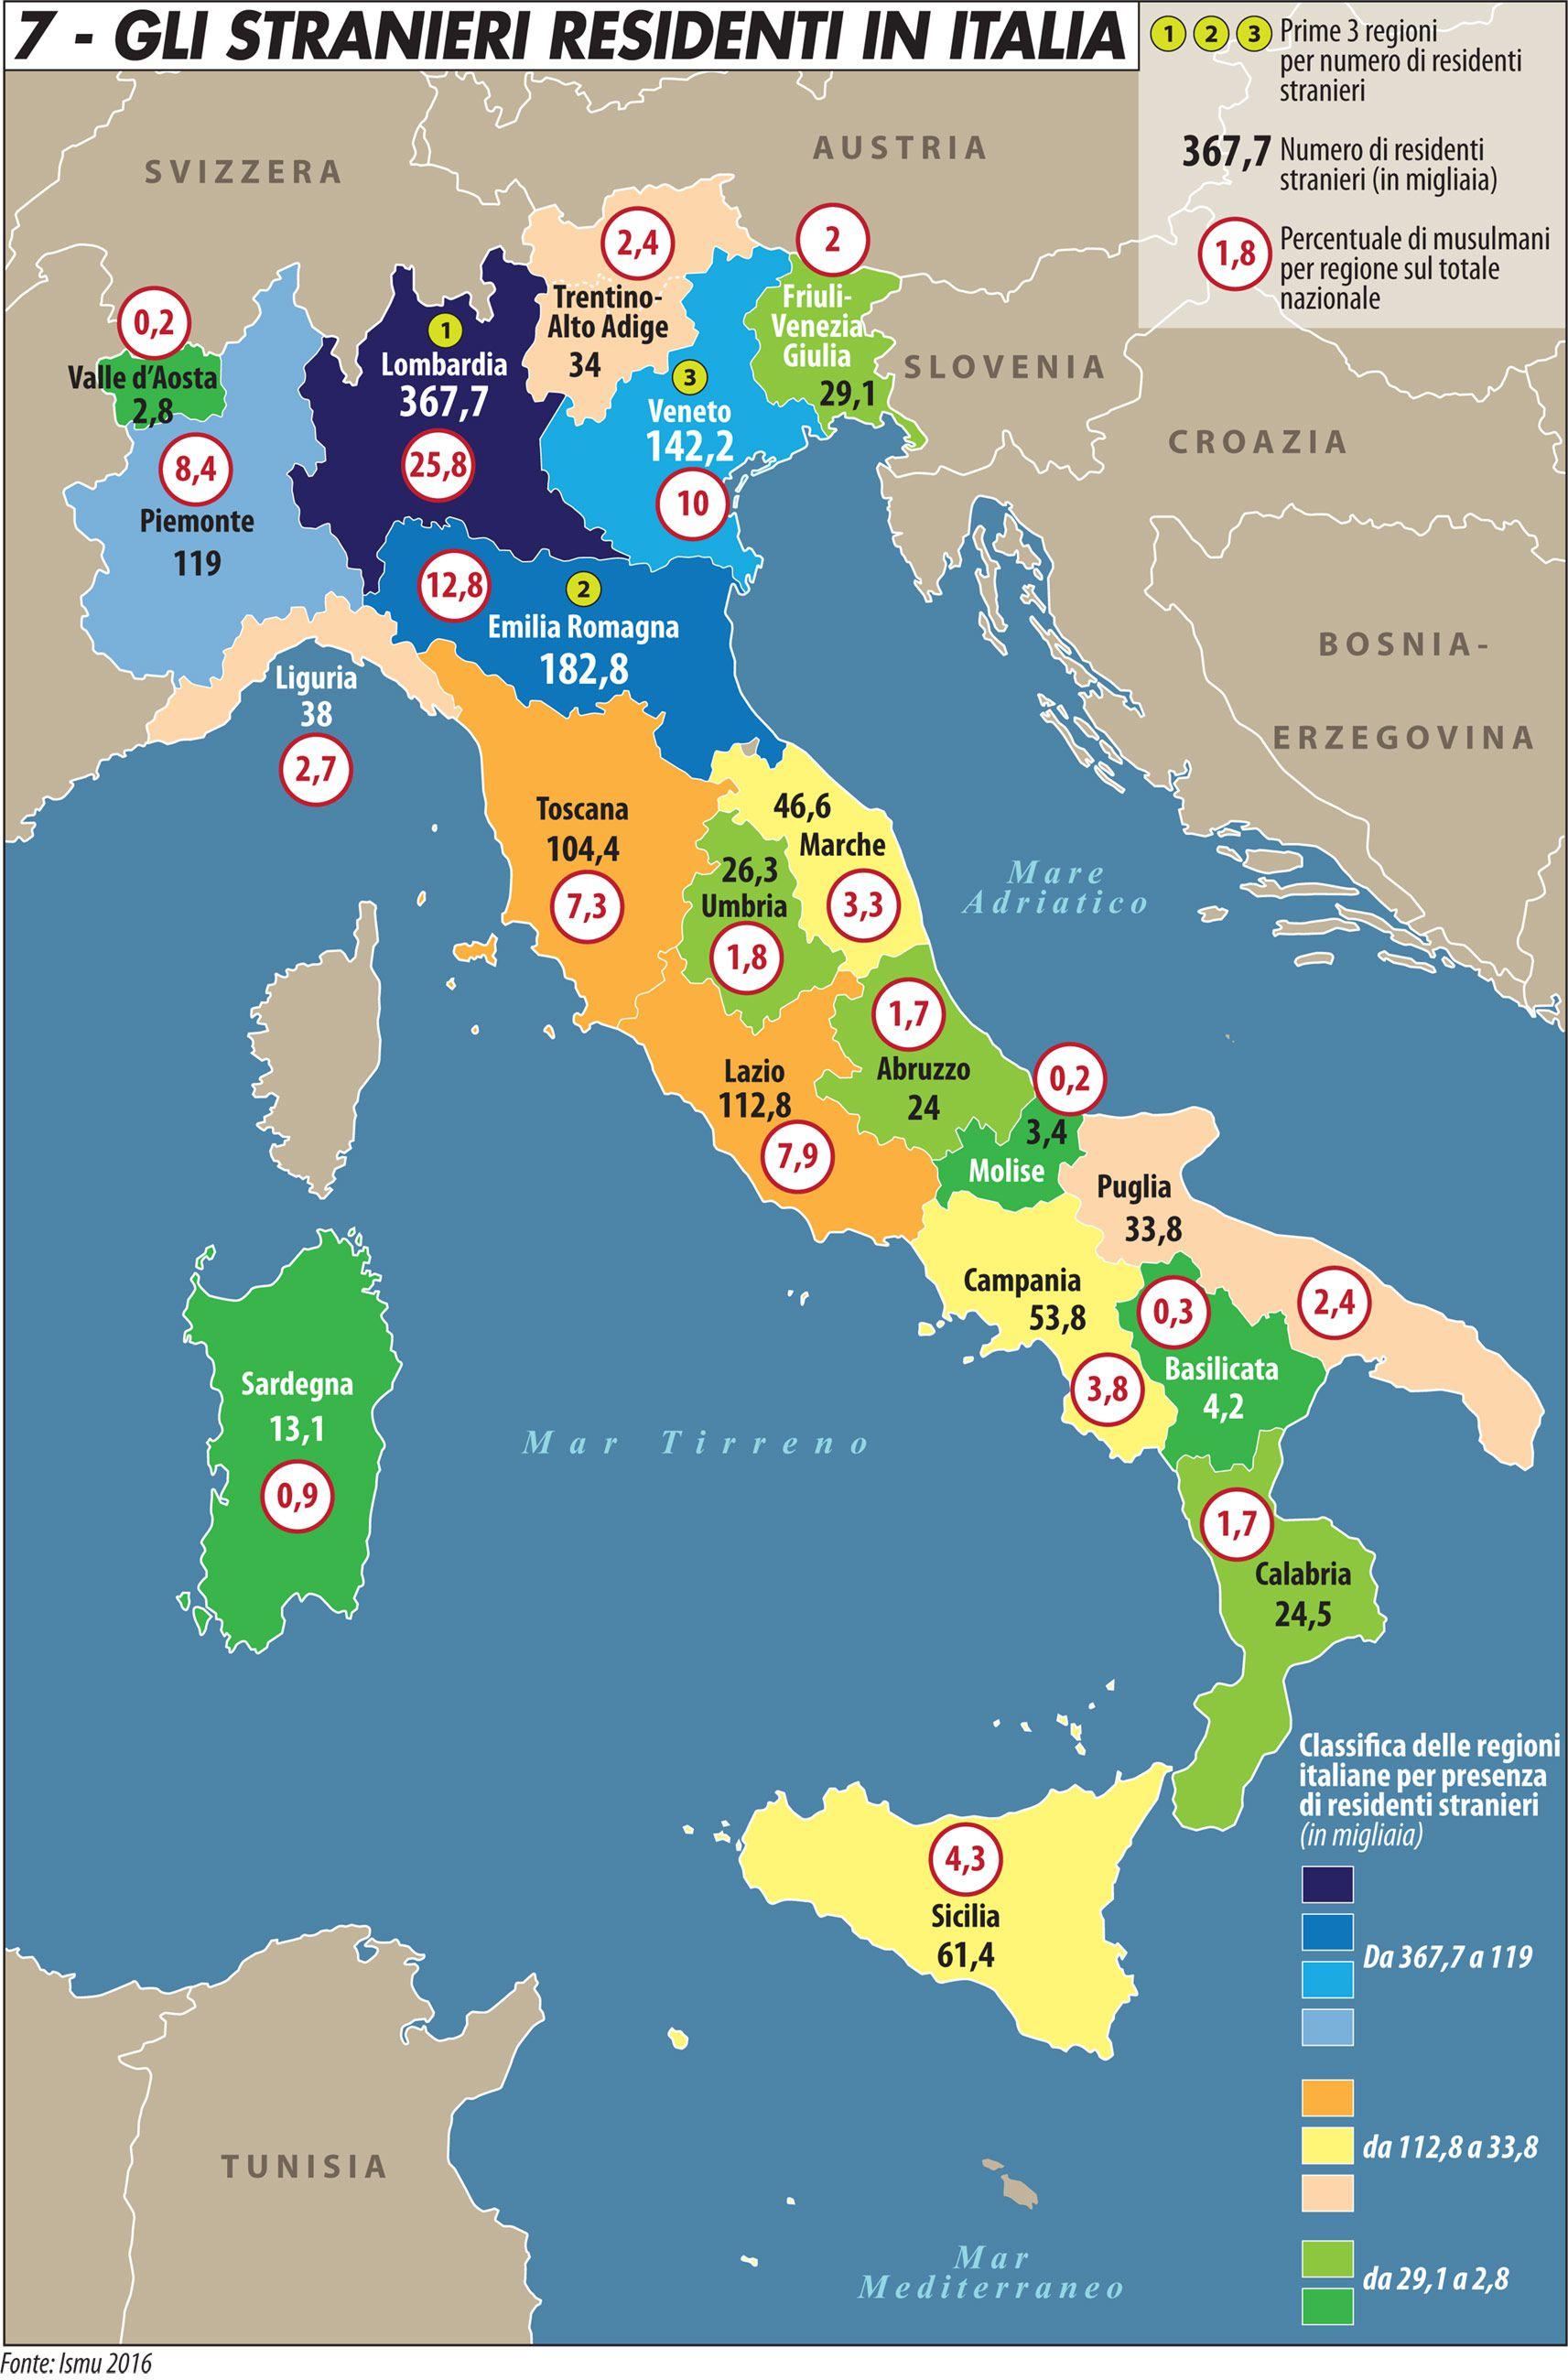 7-Stranieri-residenti-in-Italia